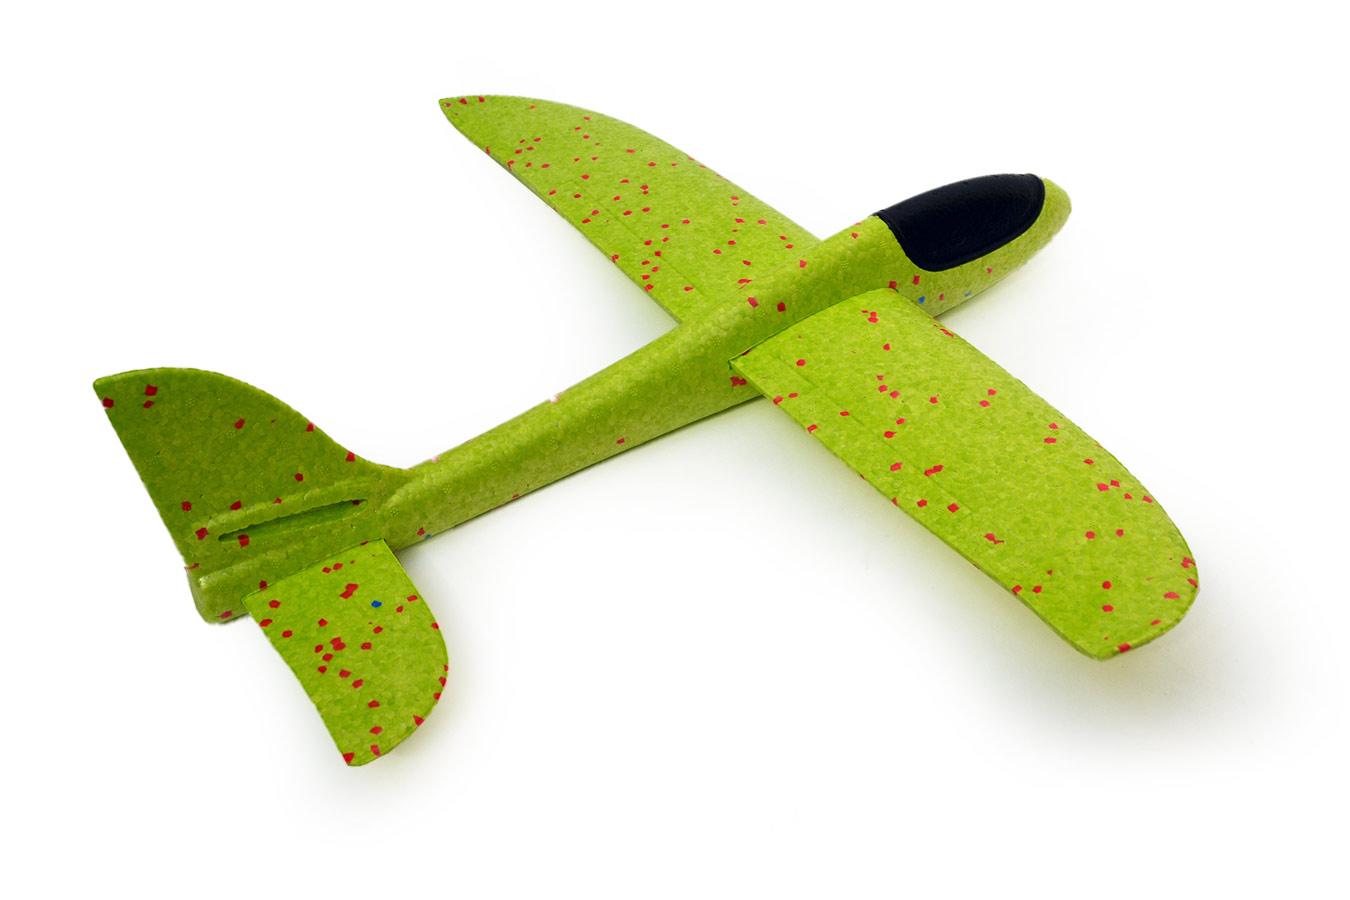 Самолет планер 48 см метательный из пенопласта салатовый [FLPP55G]